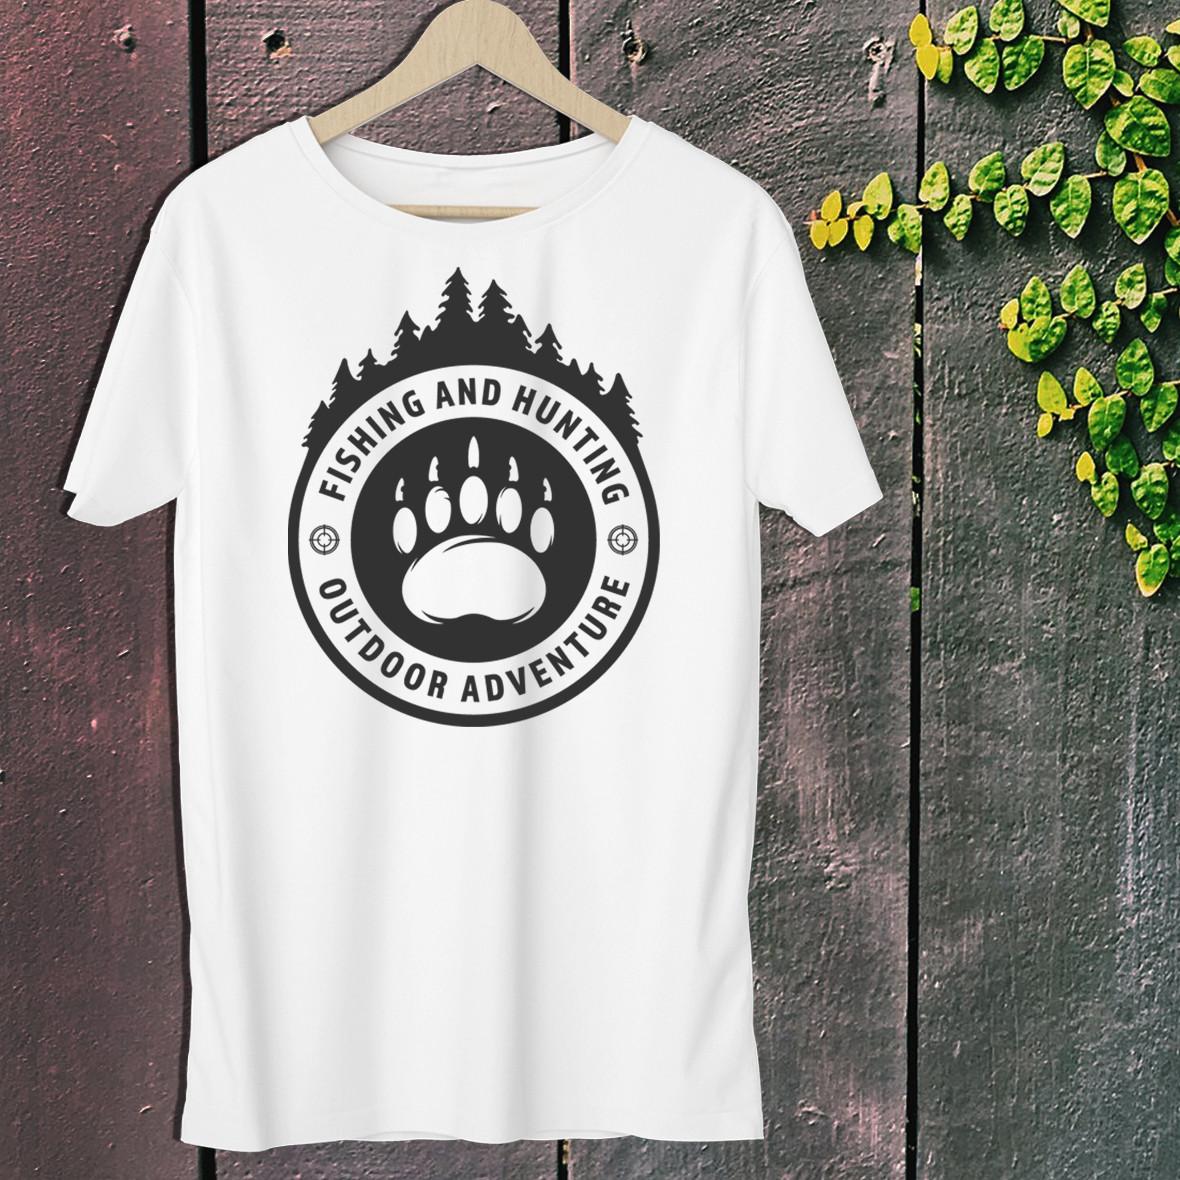 """Мужская футболка для охотника с принтом """"Hunting & Fishing outdoor adventure"""" Push IT Белый"""